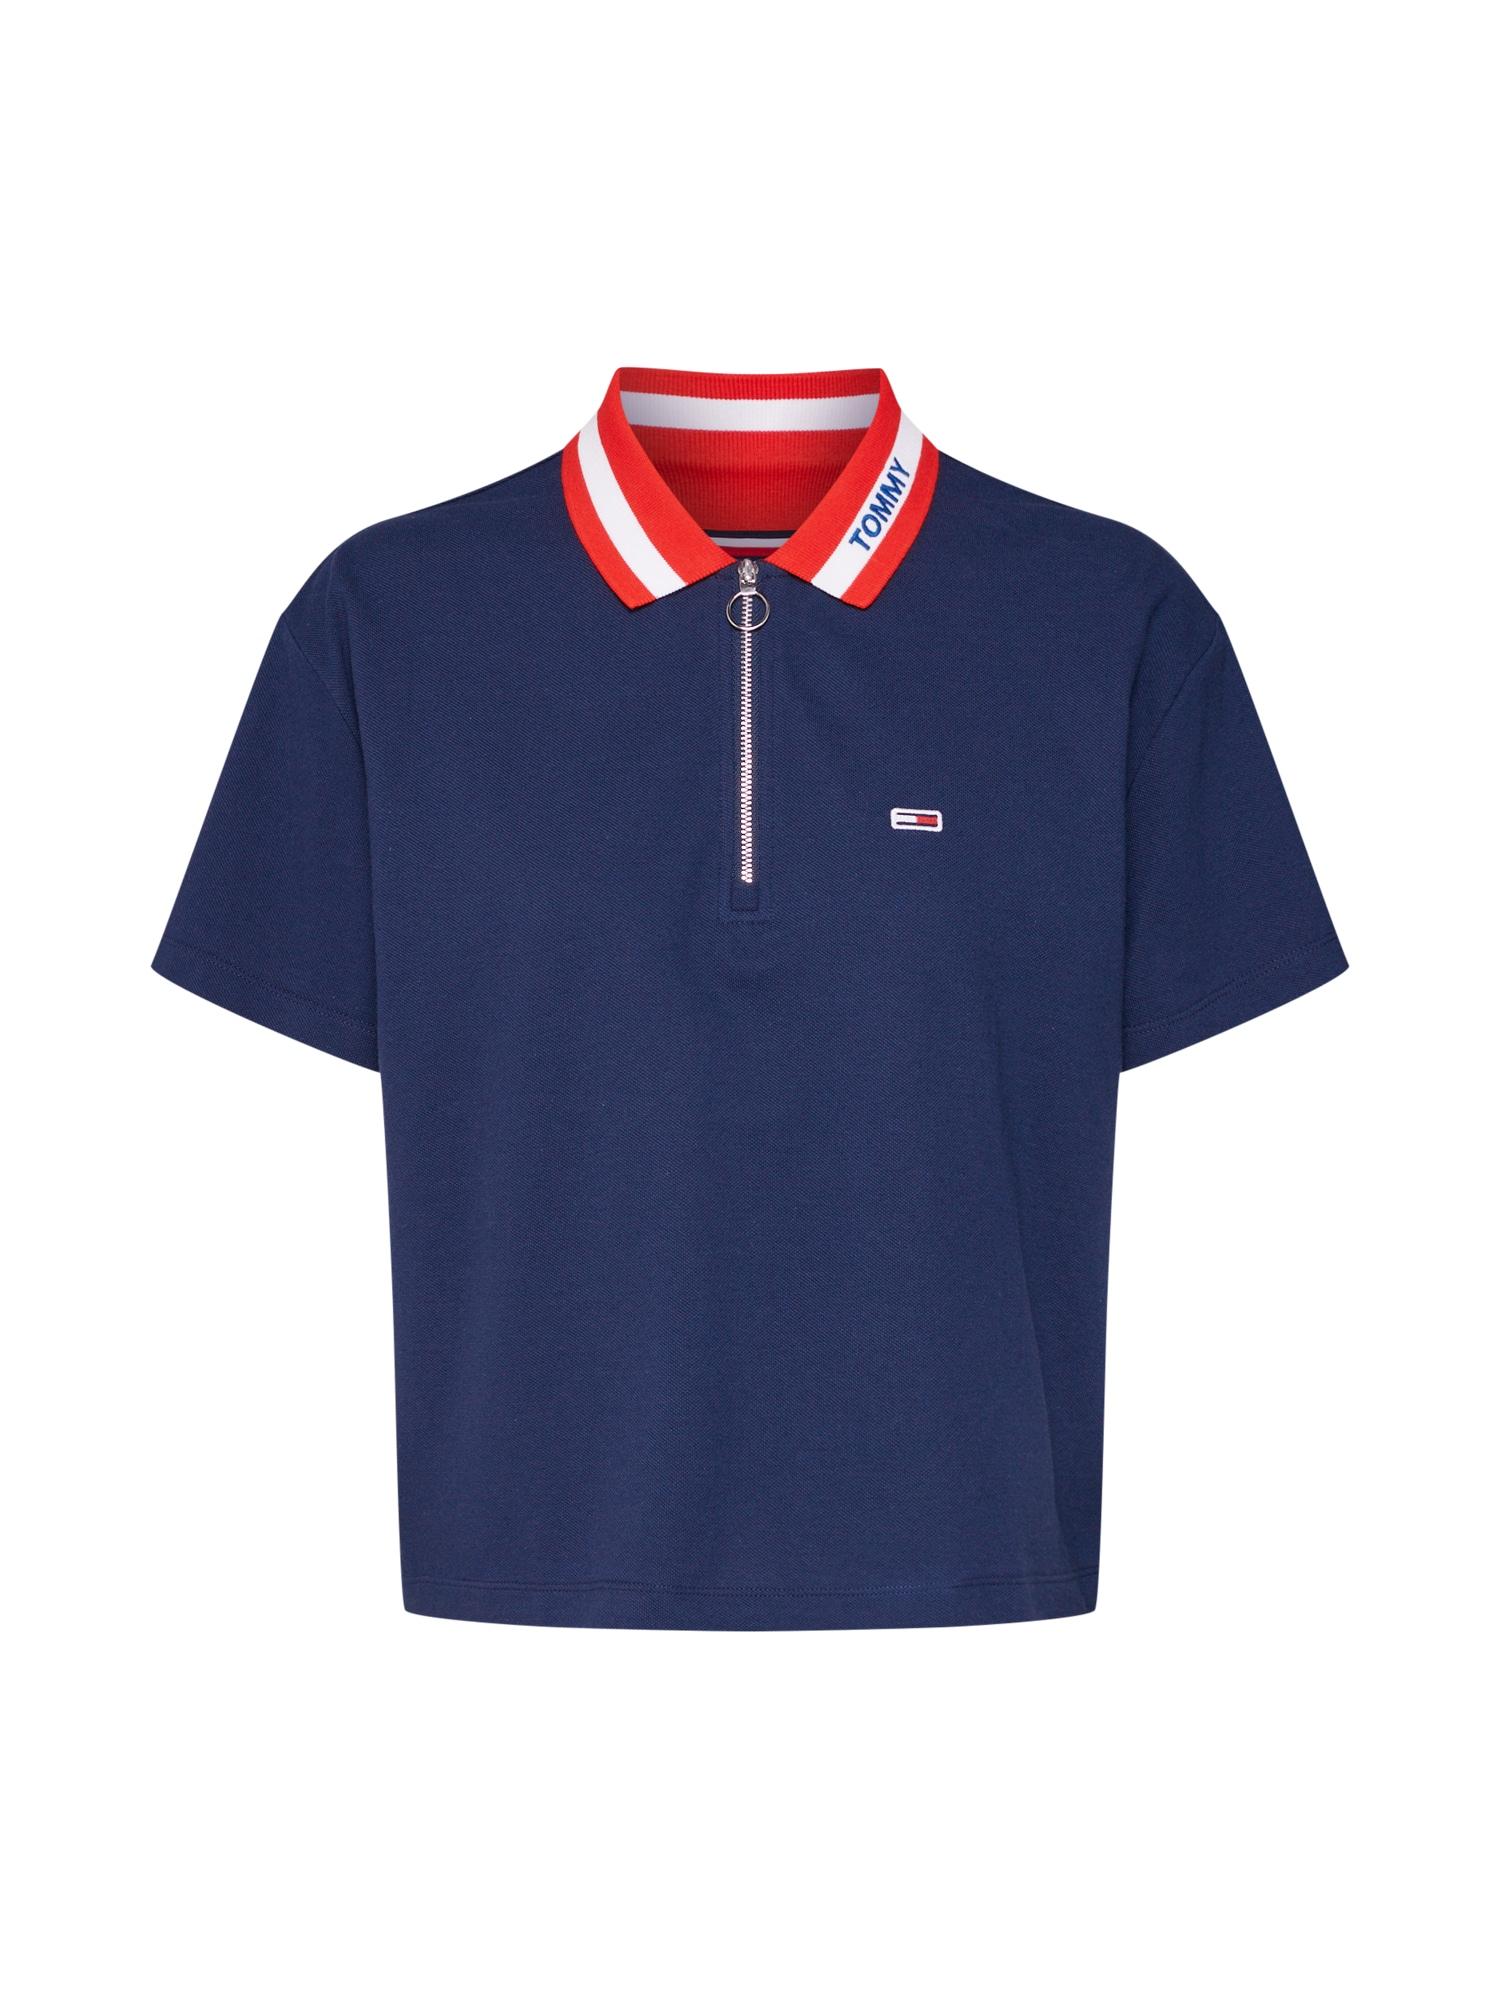 Tričko TJW TOMMY BRANDED COLLAR POLO námořnická modř červená Tommy Jeans